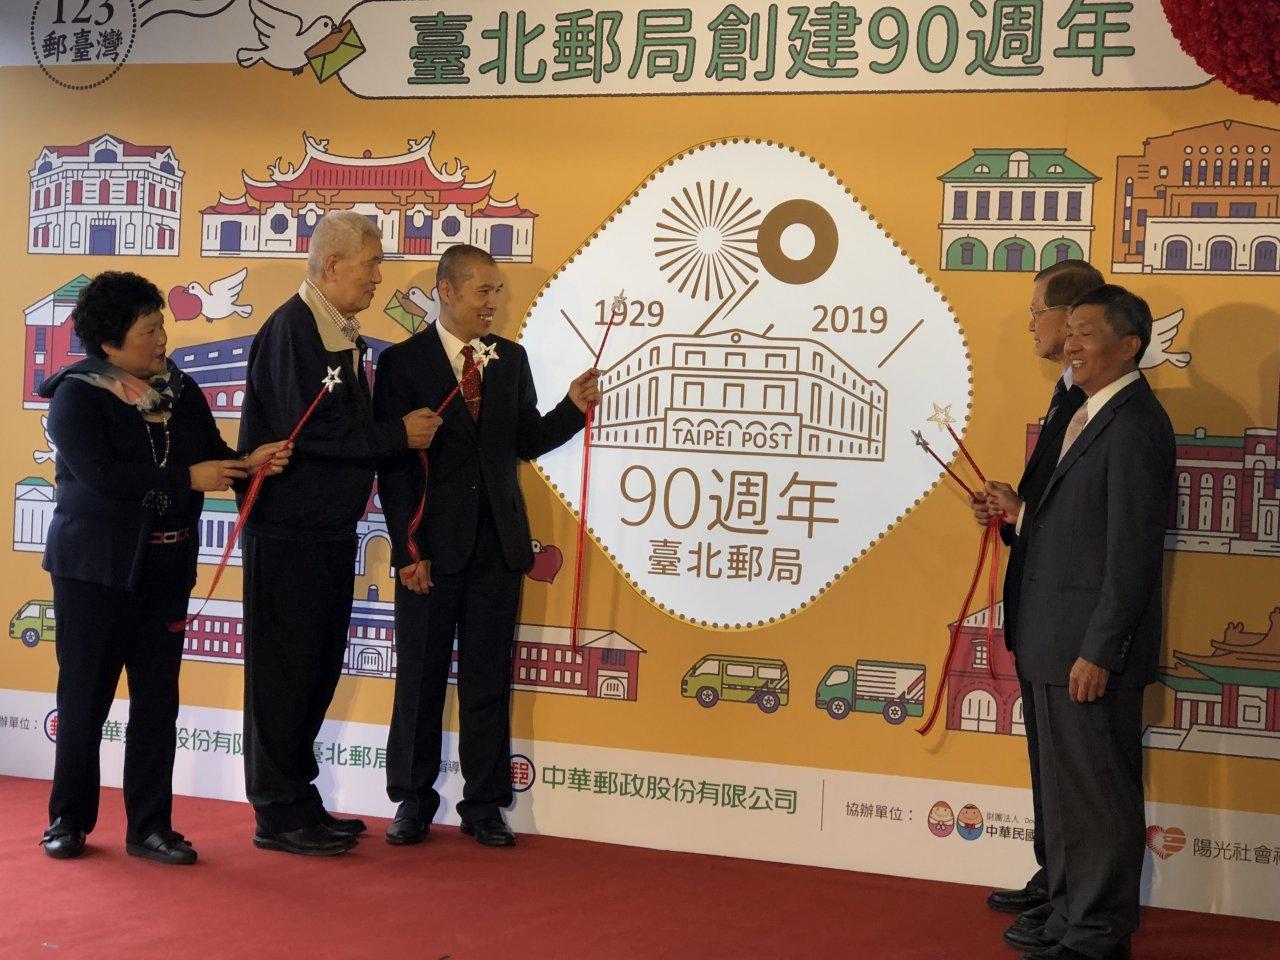 台北郵局迎90週年慶 大門將恢復拱門舊觀